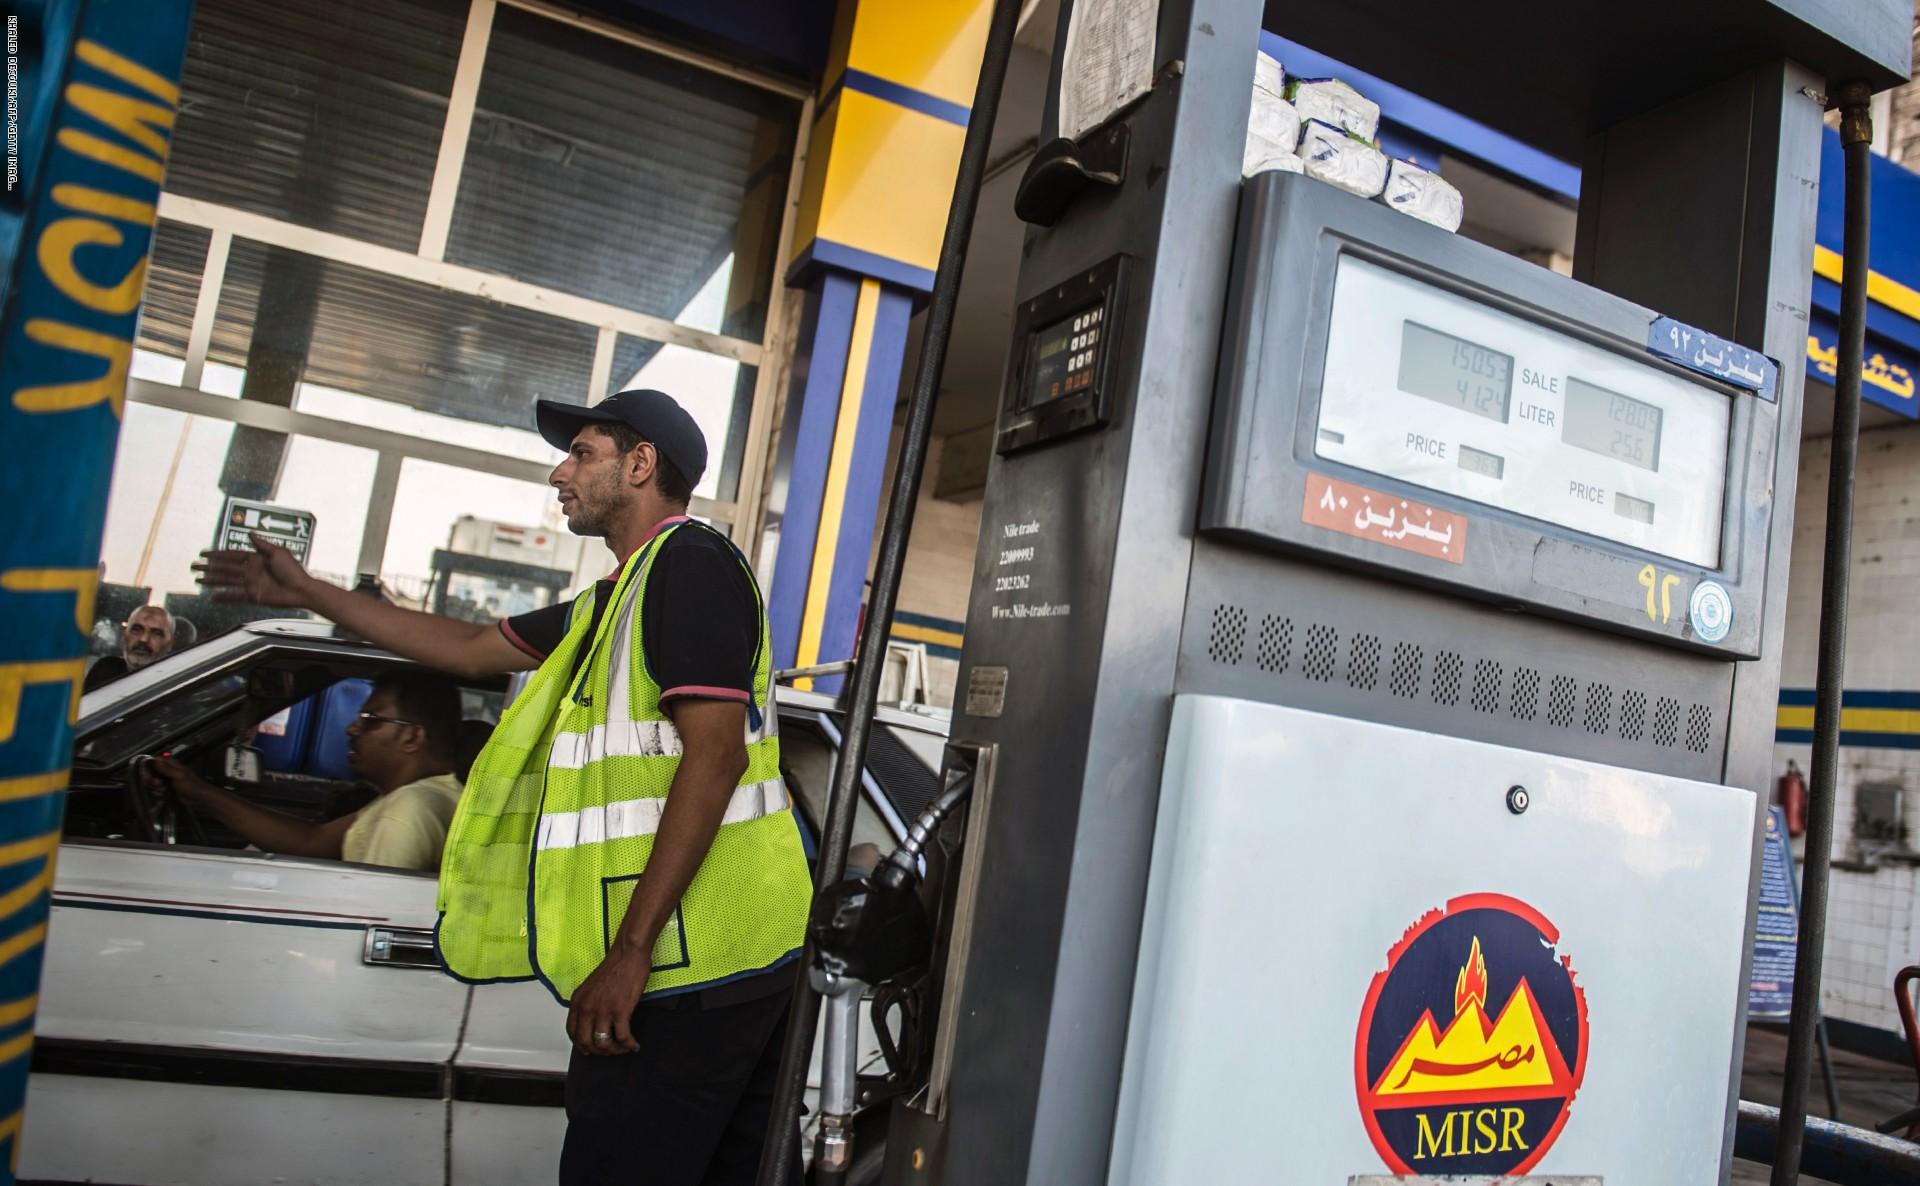 صورة أسعار البنزين بالتسعيرة الجديدة اليوم 8 يوليو